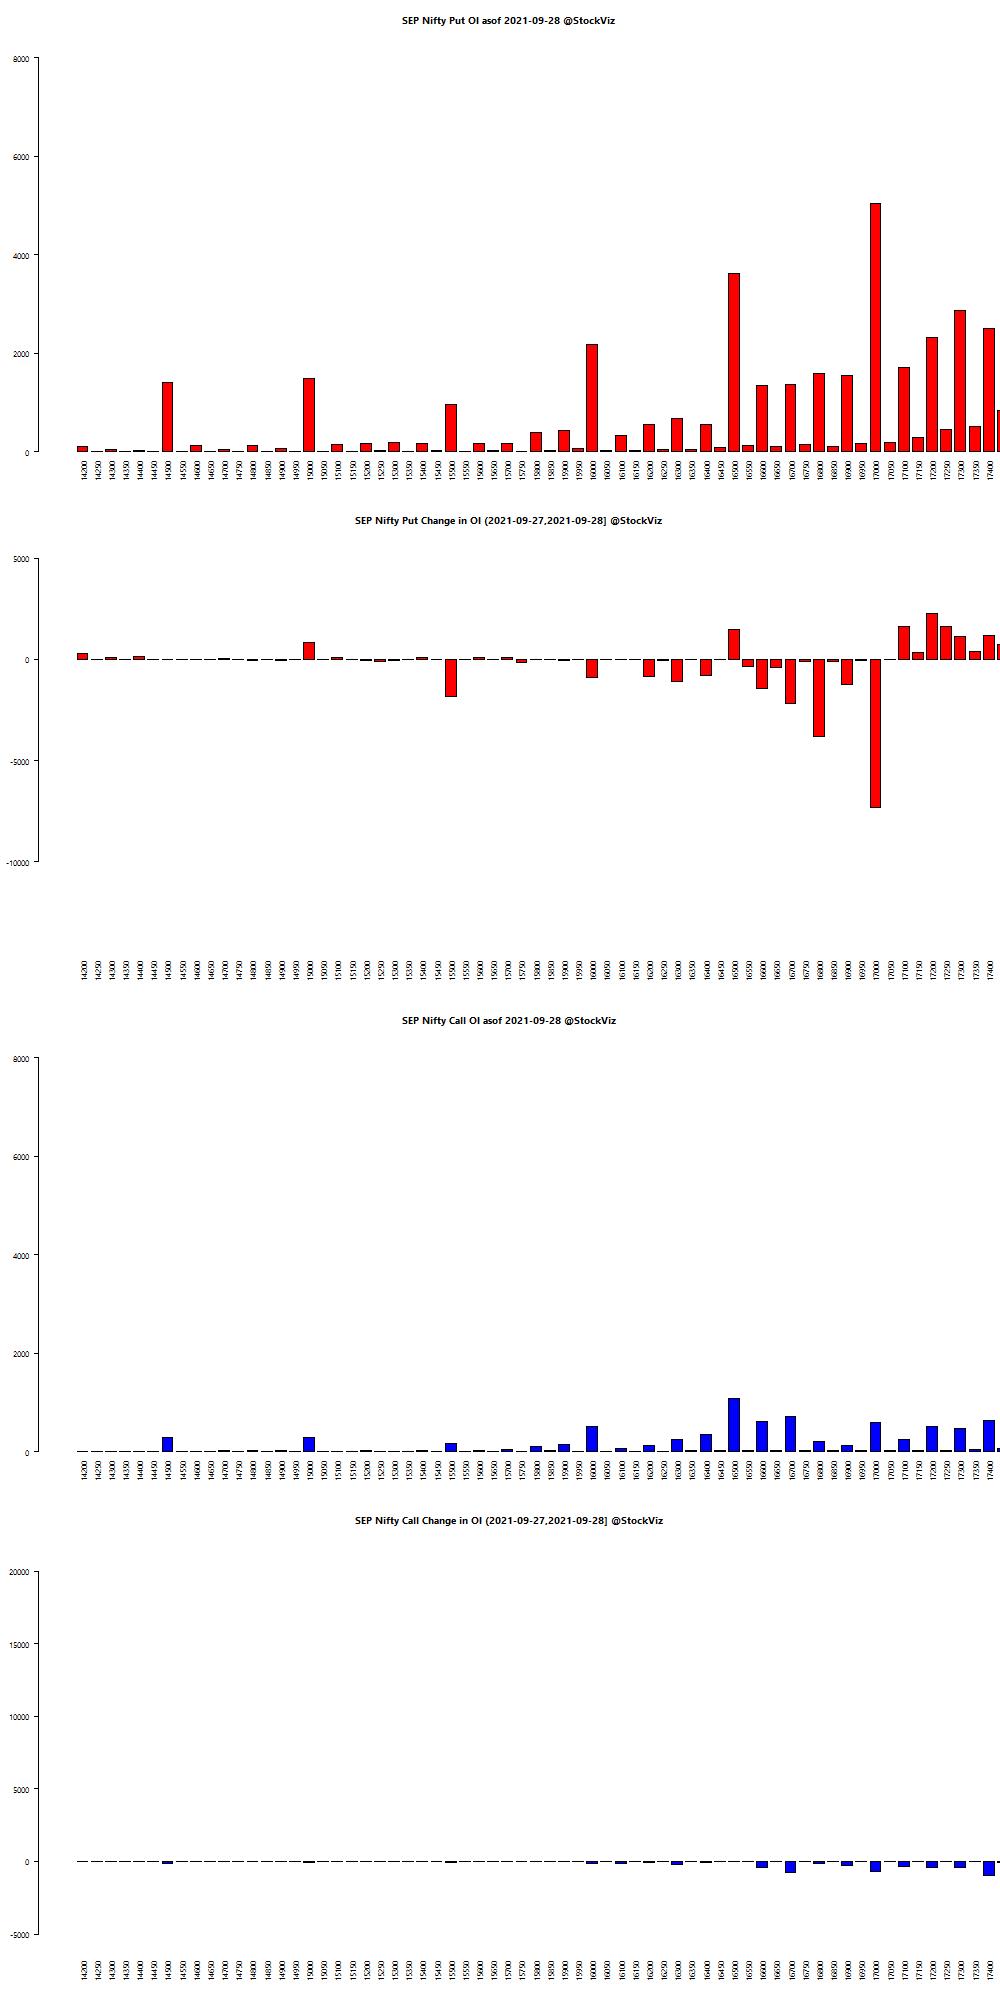 SEP NIFTY OI chart